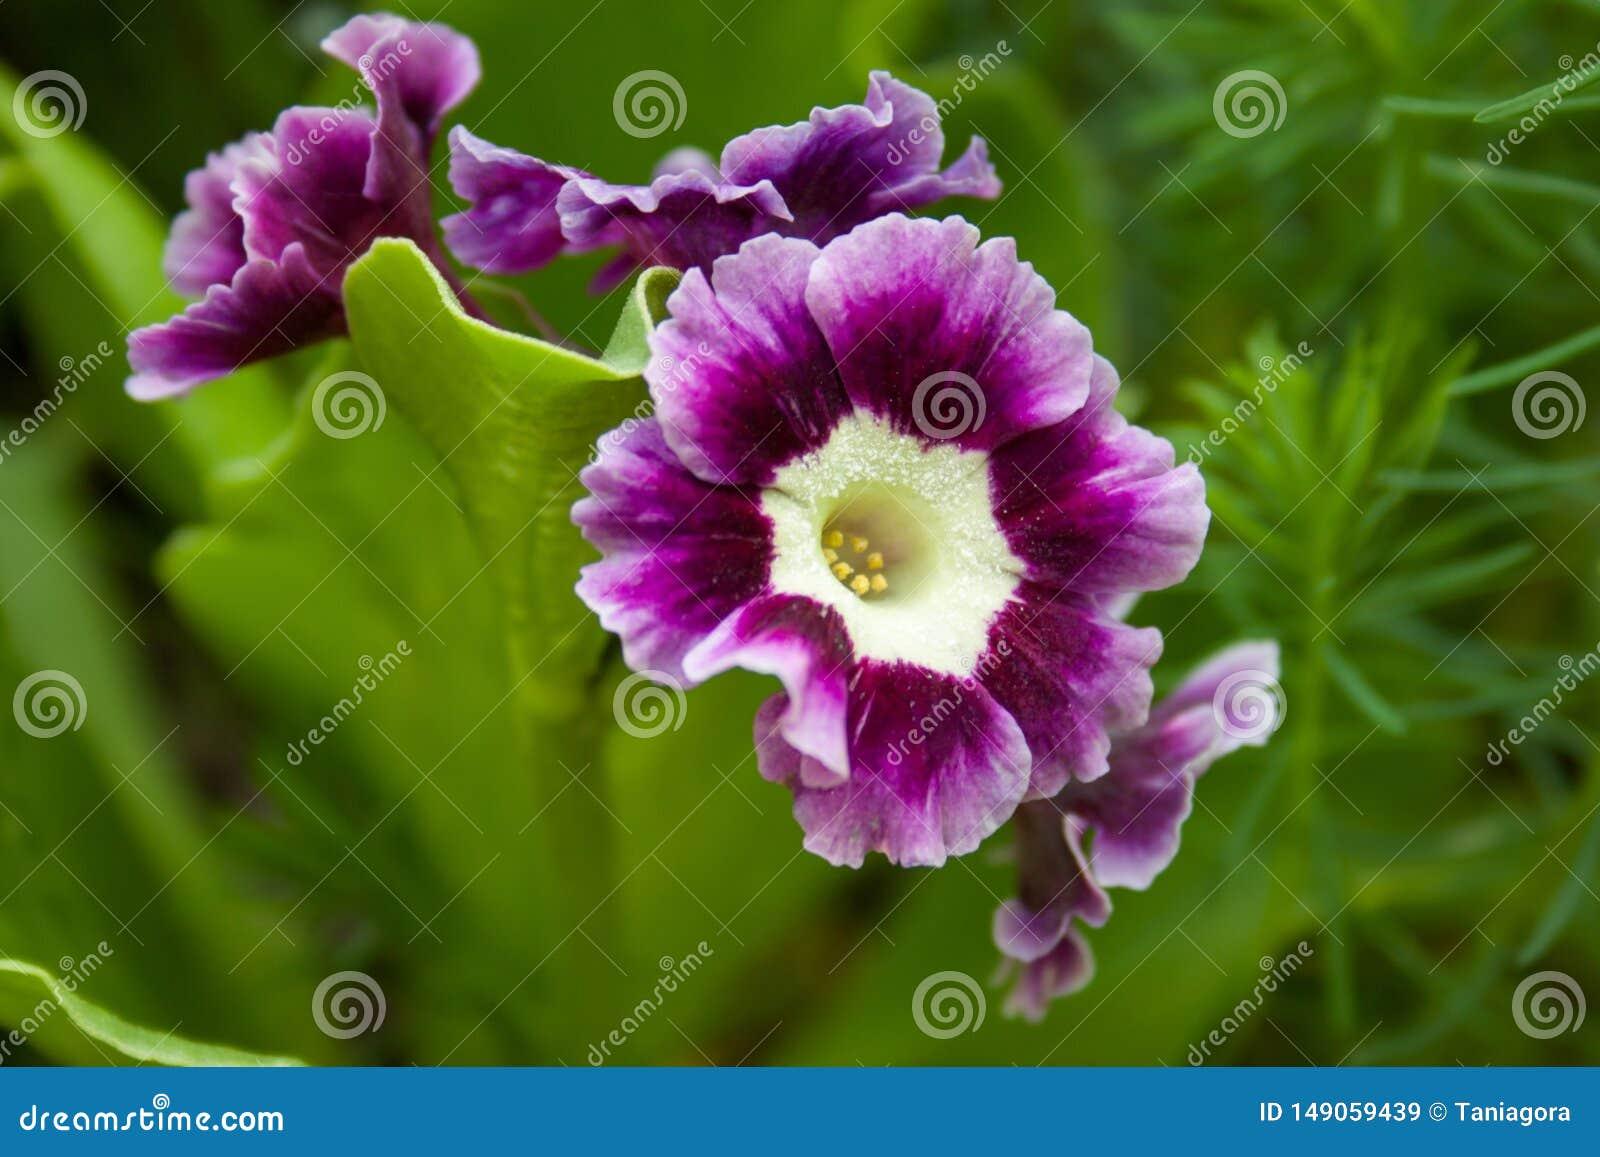 Royal primrose or primula in the garden